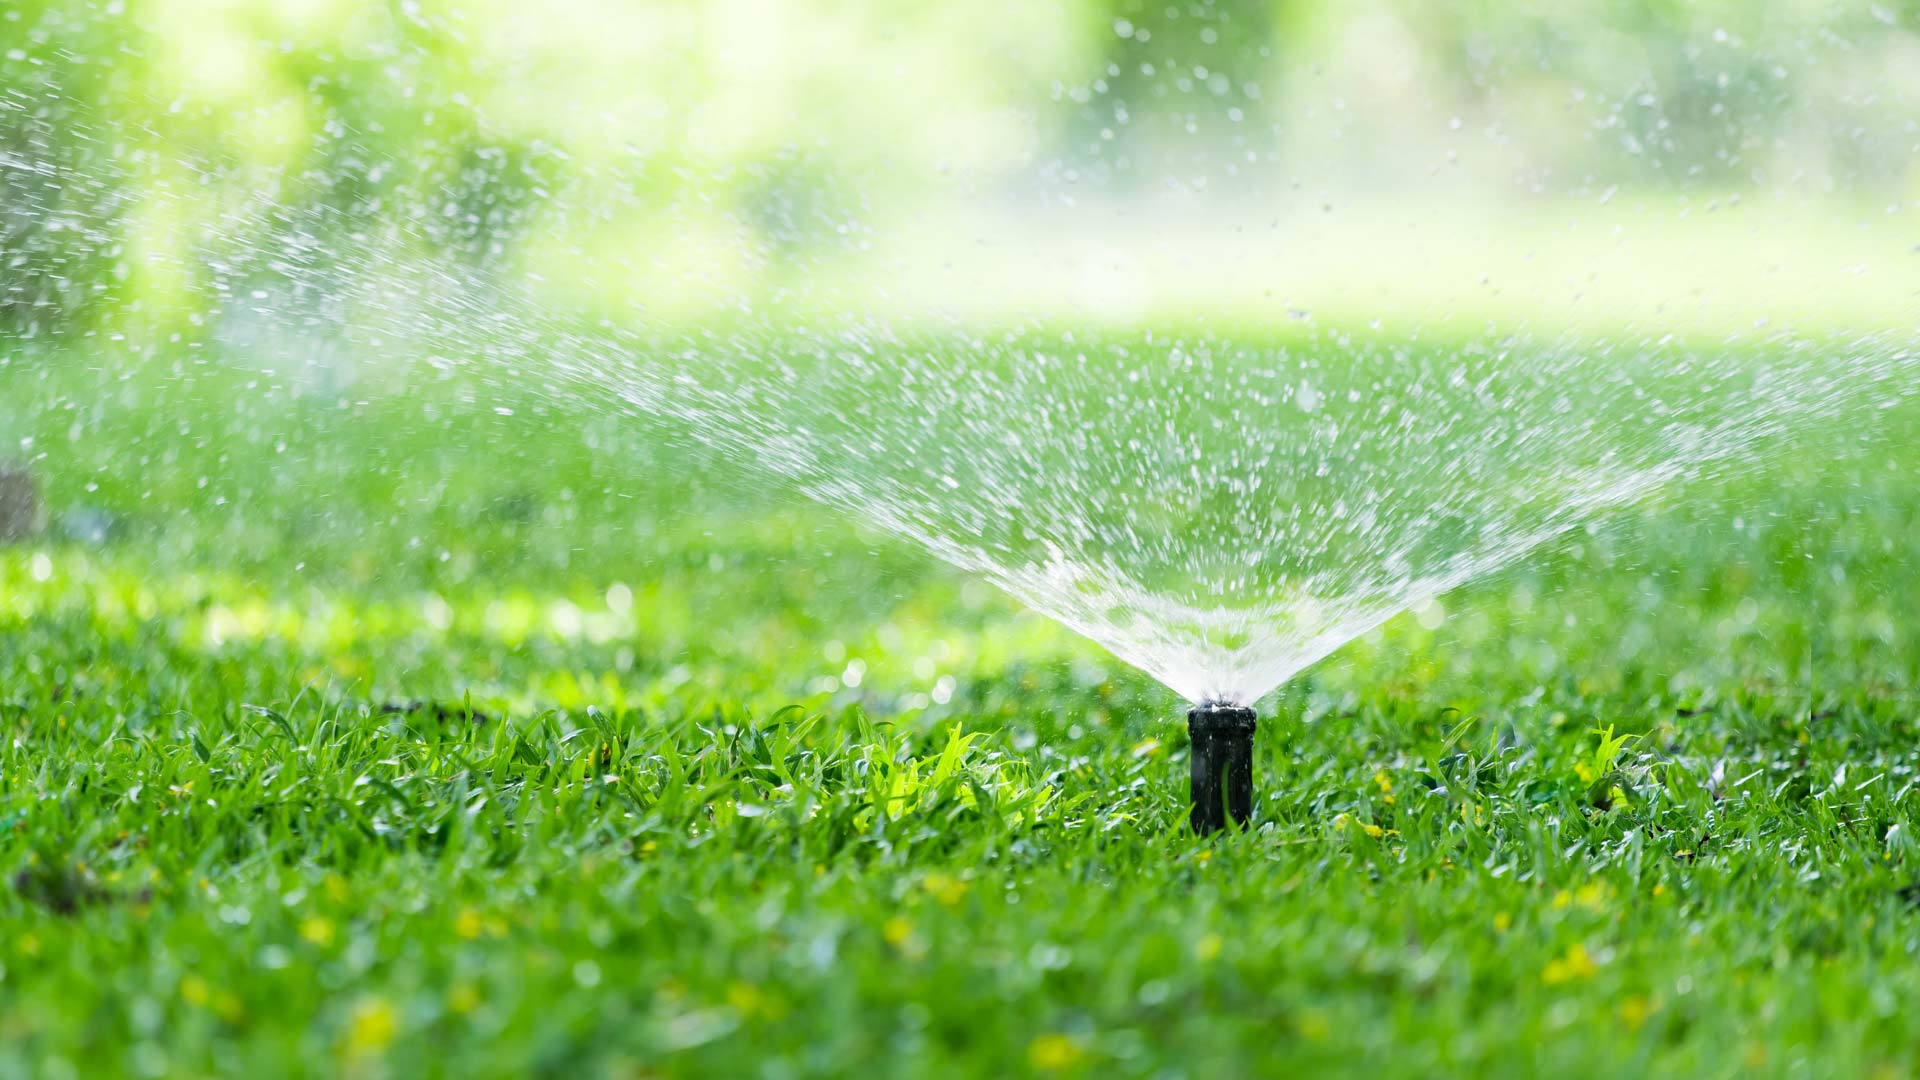 sprinkler head watering lawn